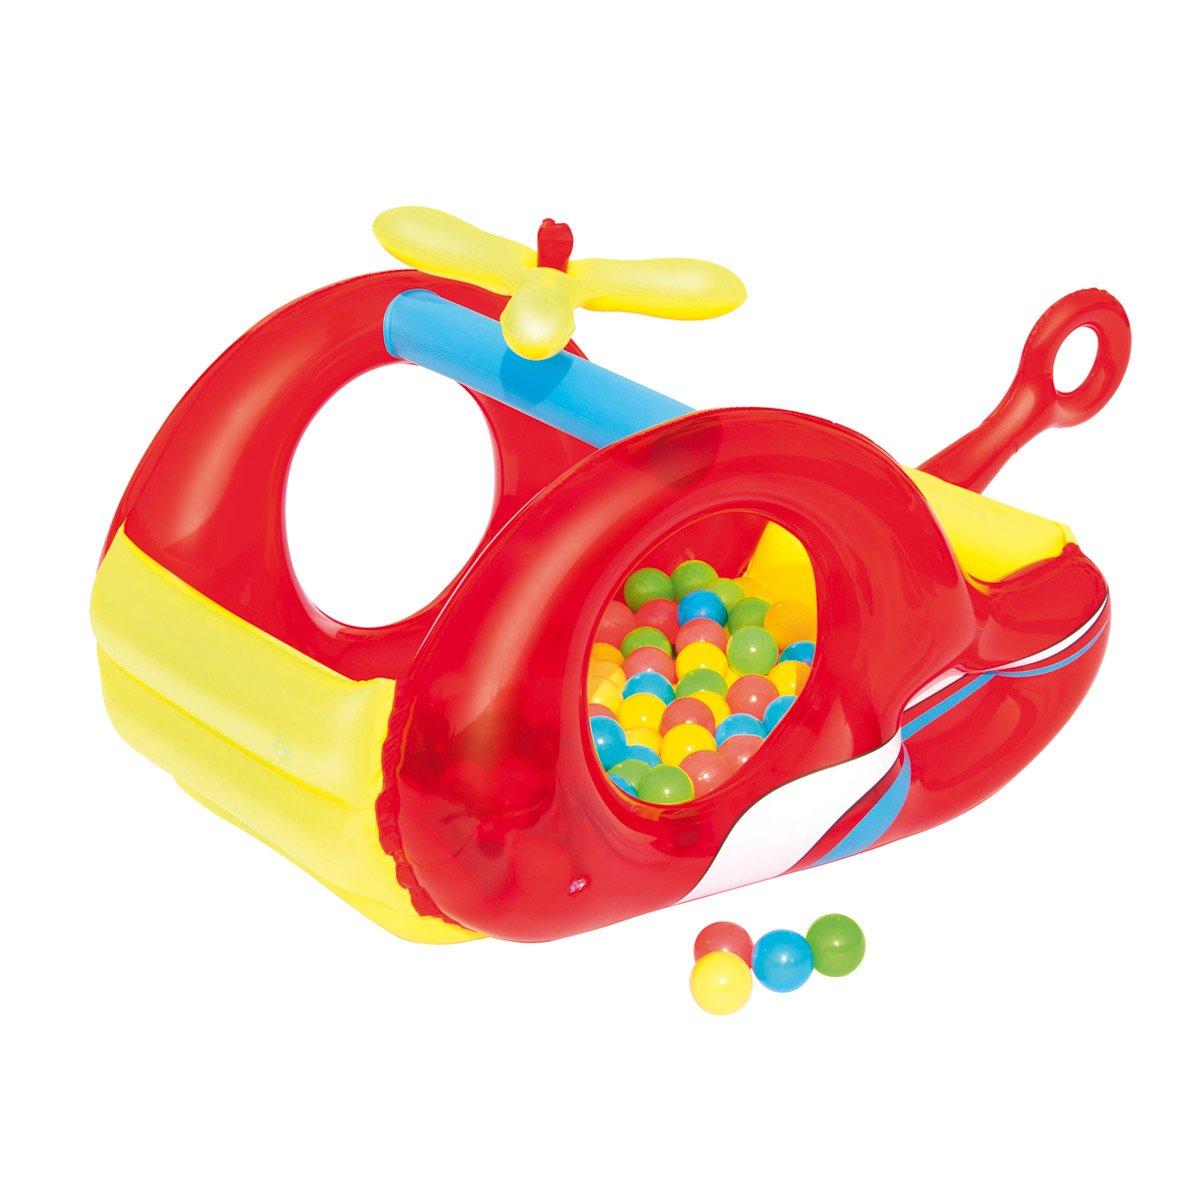 Bestway Juego de helicóptero hinchable (52183): Amazon.es: Juguetes y juegos